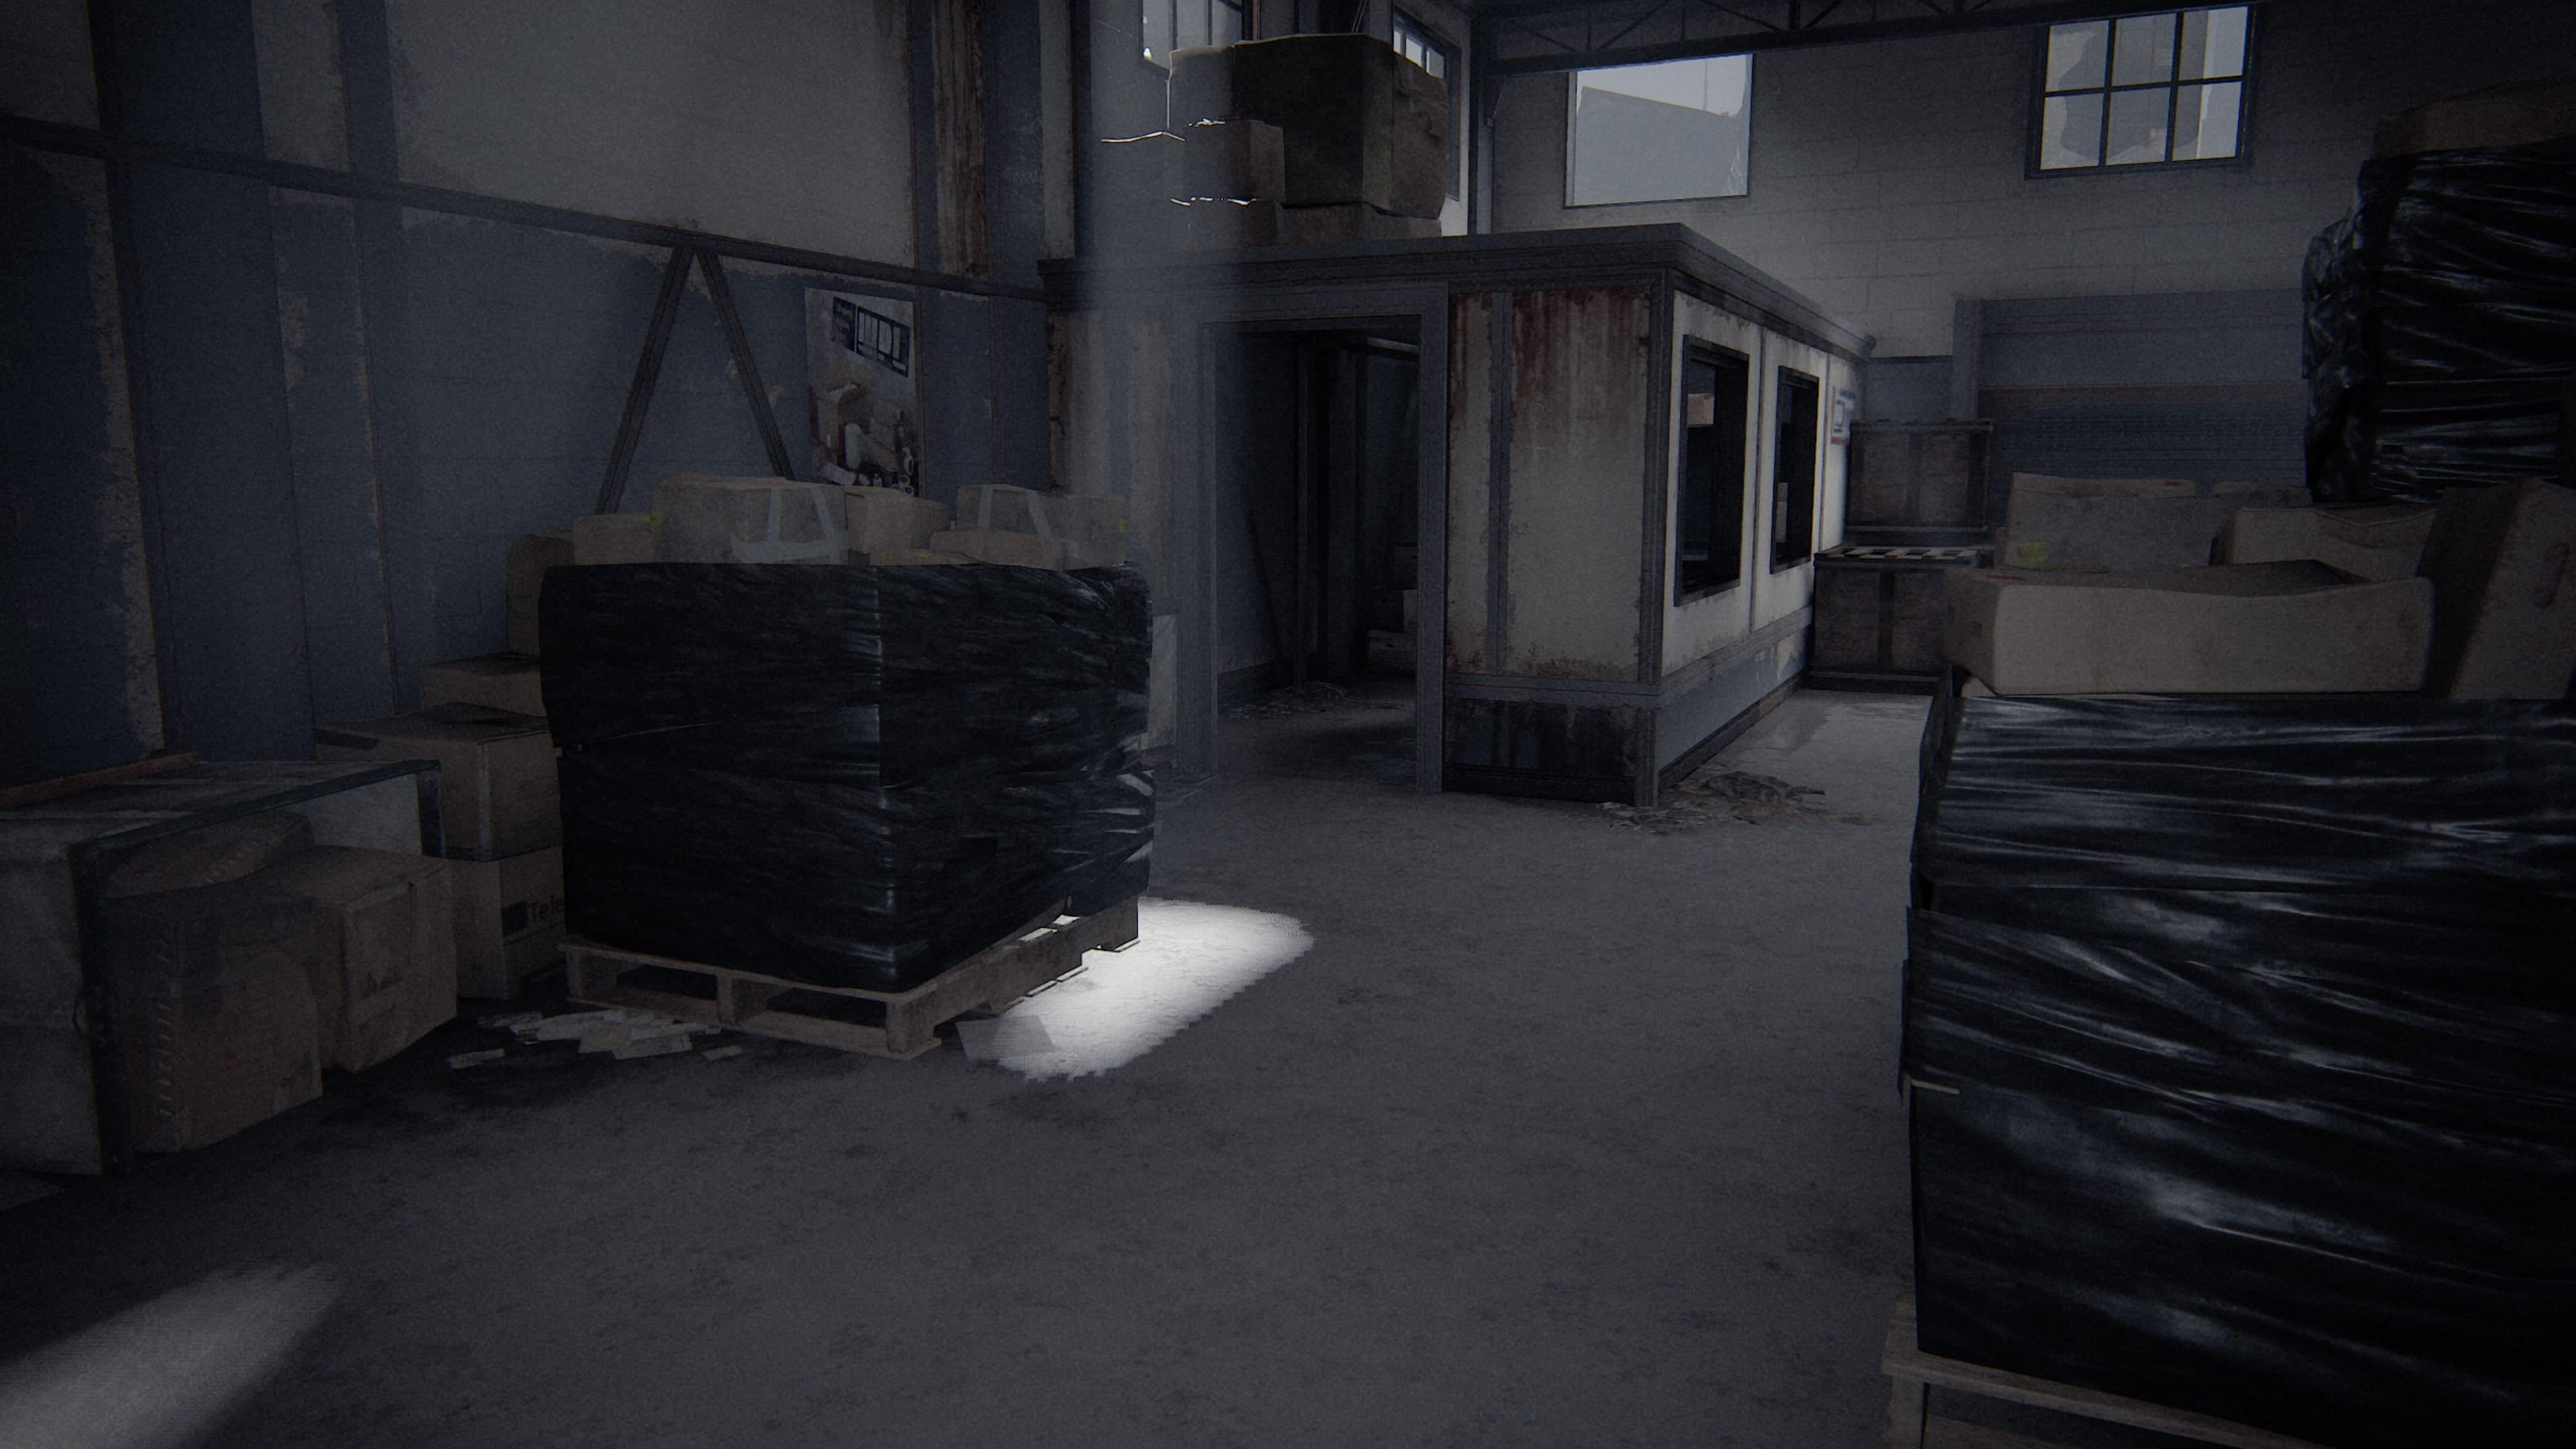 The Last of Us 2 Gewehrholster